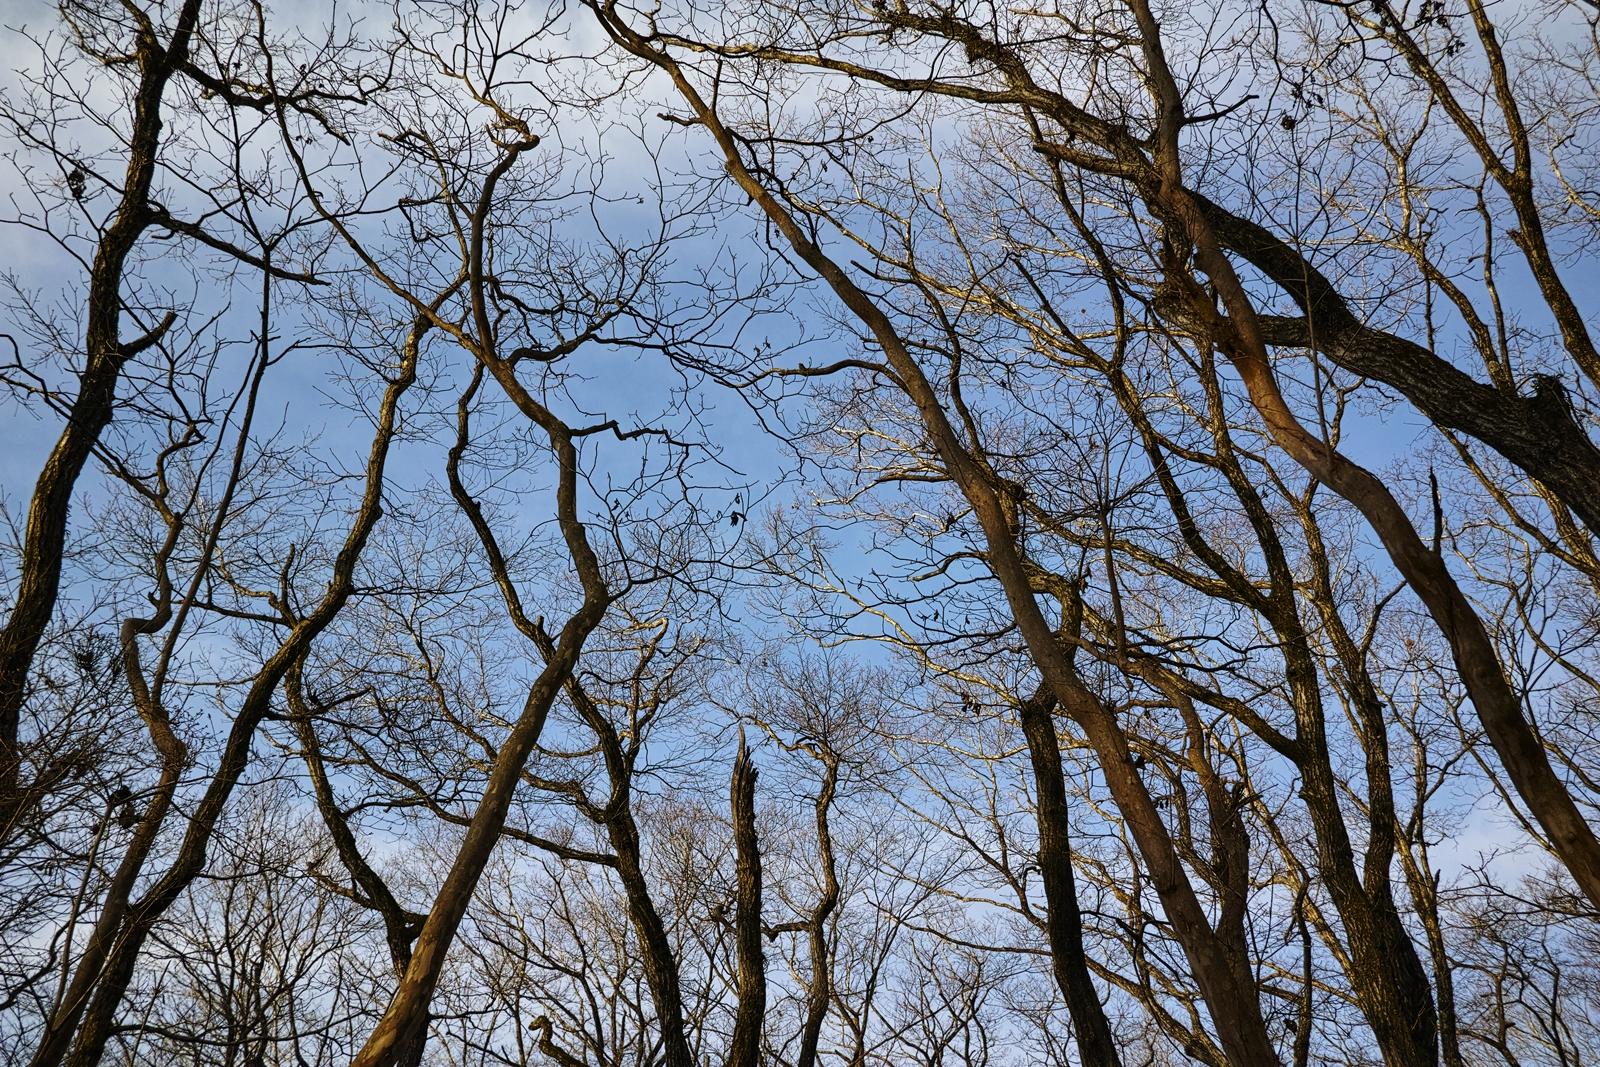 Photo: 音の無い森 / Silent forest.  聞こえるのは 足を踏みいれる乾いた葉の音 静寂に閉ざされた 音の無い眠りの森  SIGMA dp1 Quattro #SIGMA #dp1 #Quattro #Foveon #landscapephotography ( http://takafumiooshio.com/archives/750 )